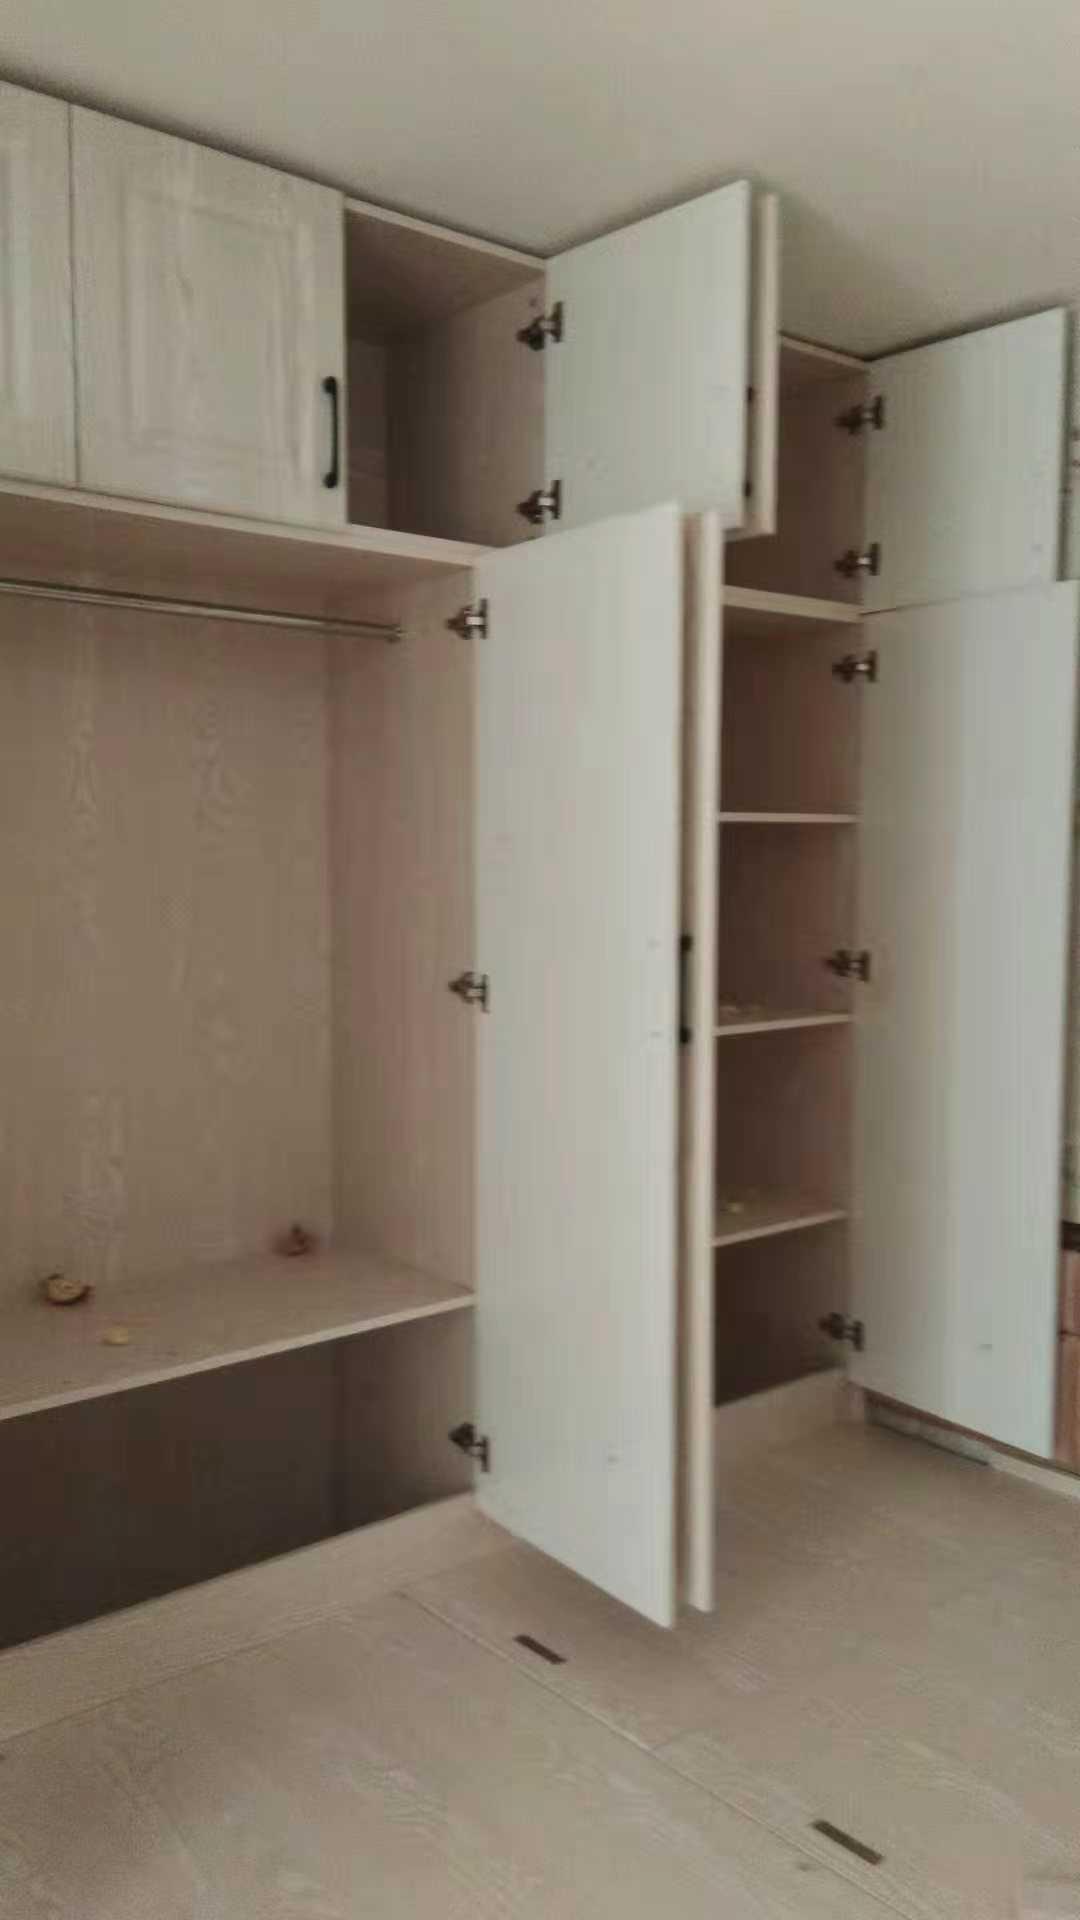 海东顶固全屋定制维修 欢迎来电 海东市平安区青唐家具供应